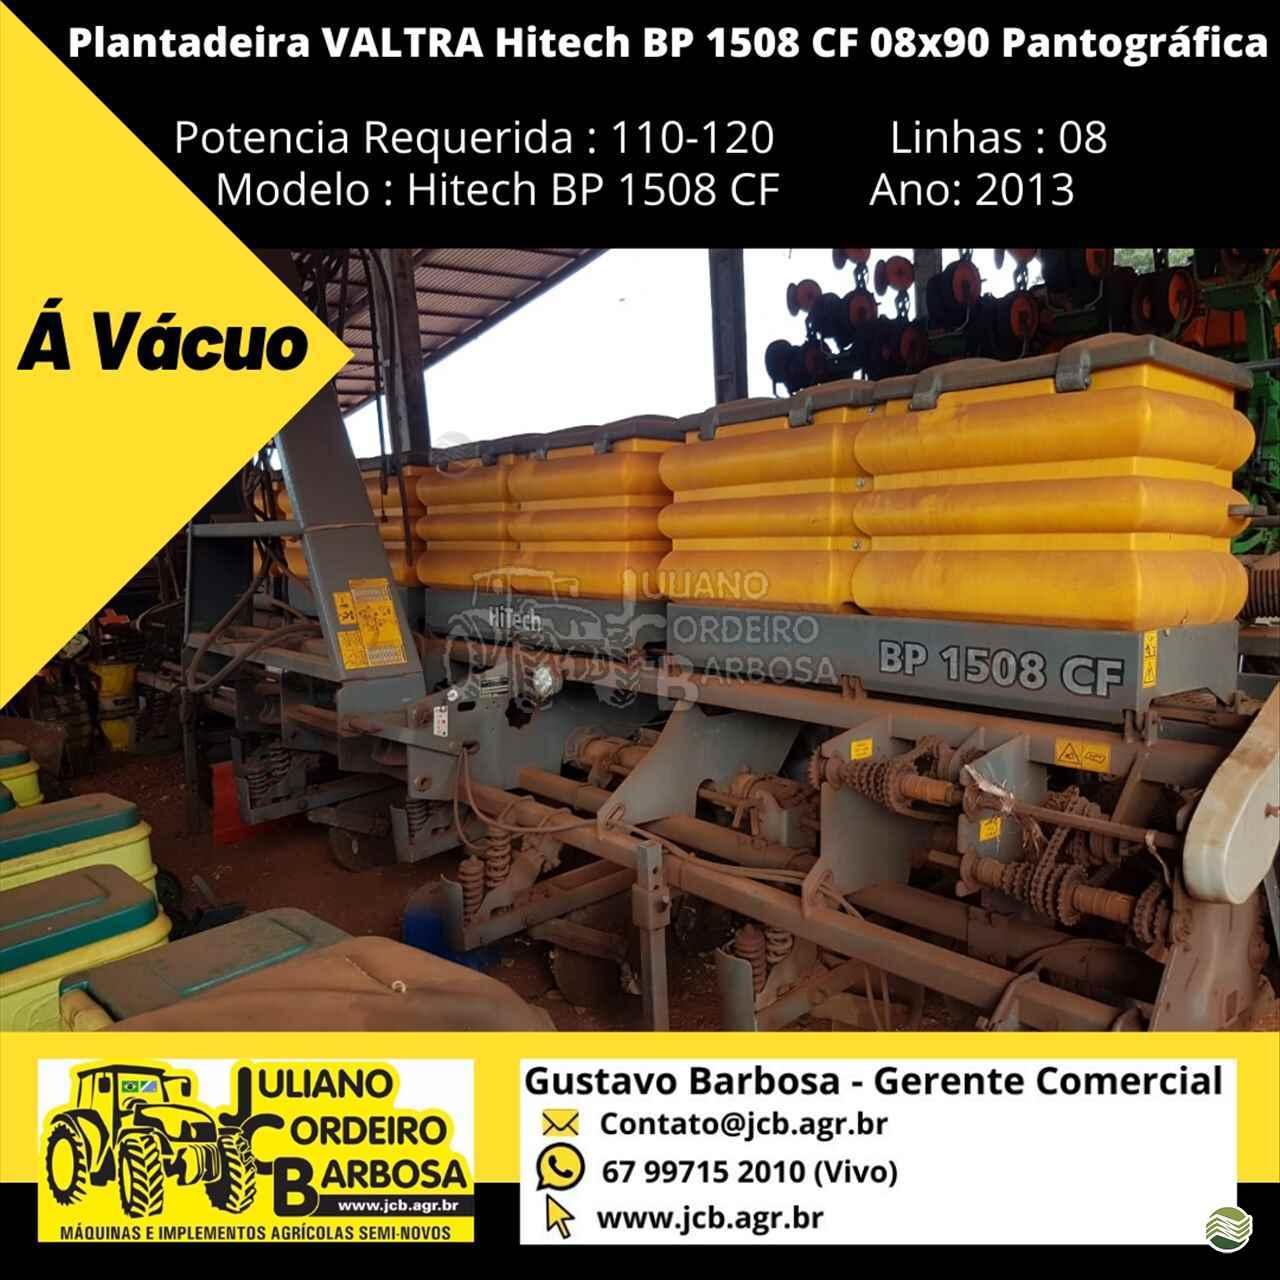 PLANTADEIRA VALTRA HITECH BP 1508 JCB Máquinas e Implementos Agrícolas MARACAJU MATO GROSSO DO SUL MS